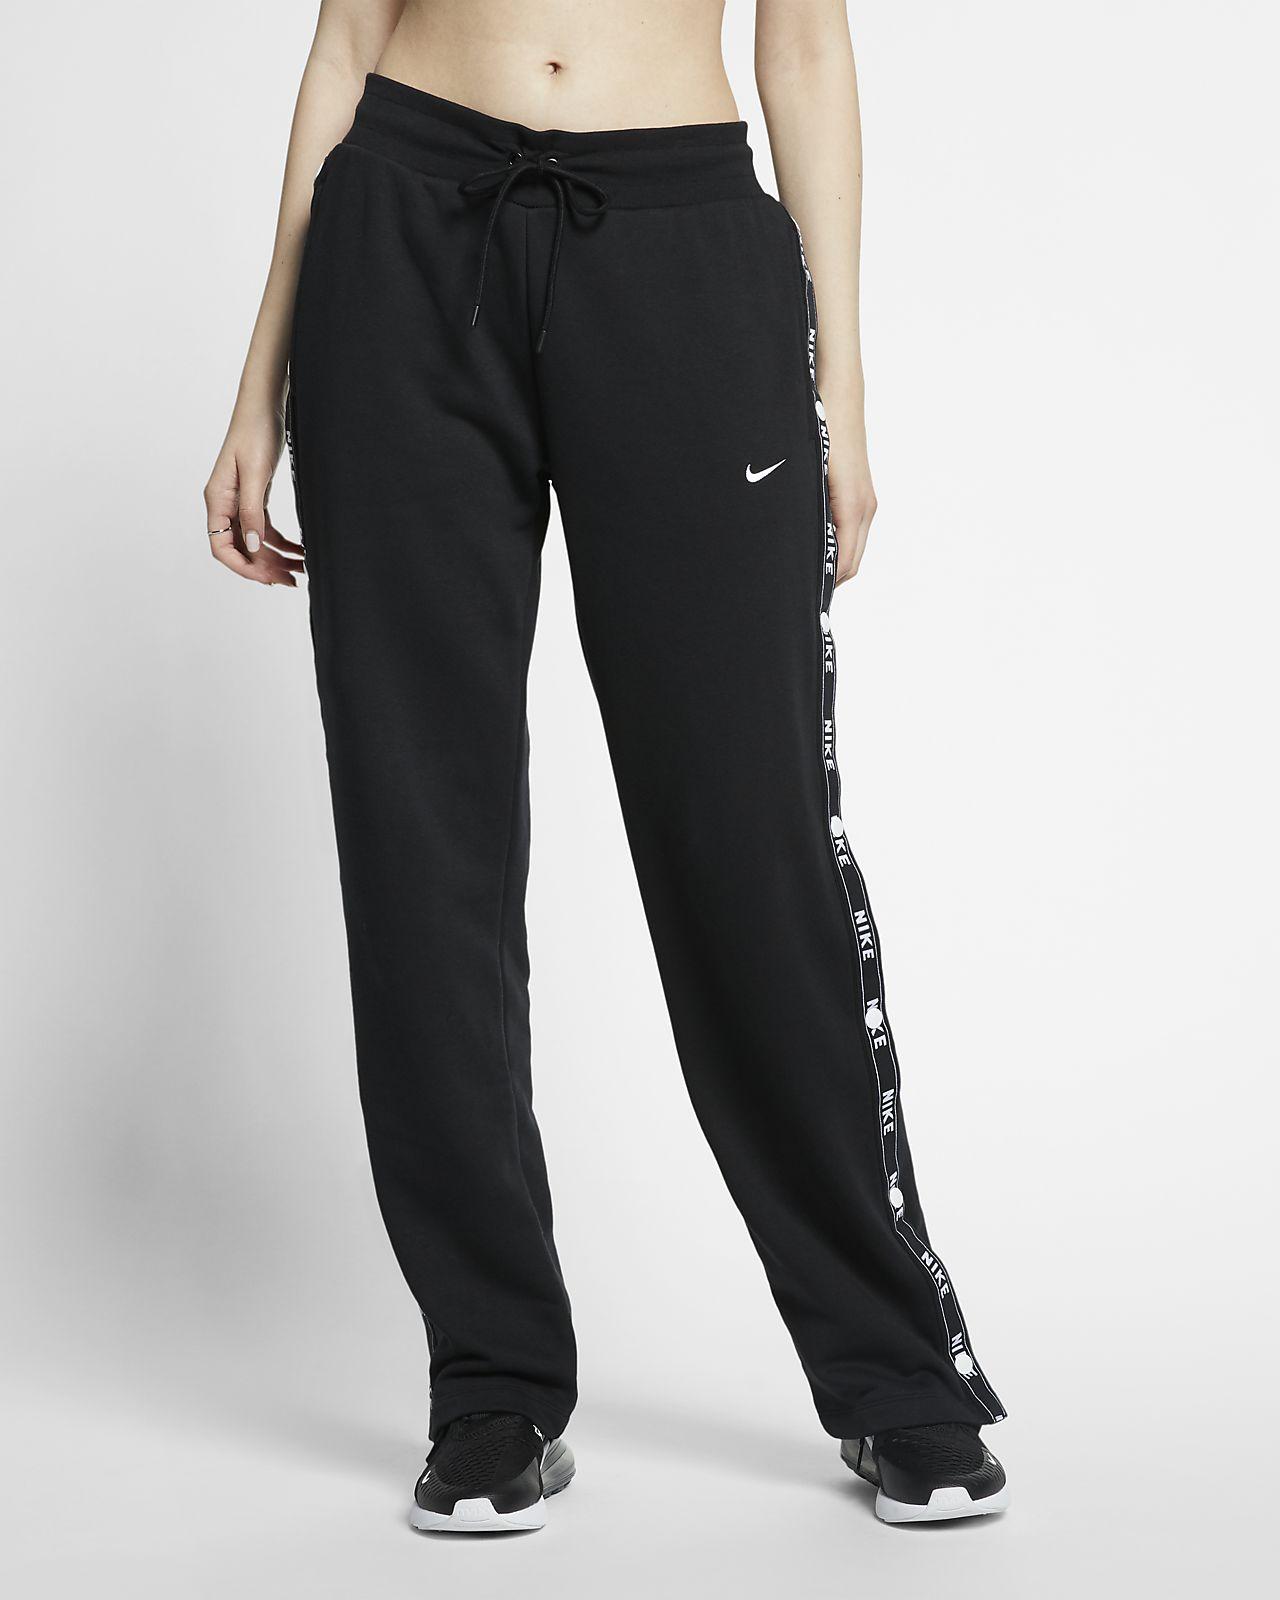 Logobyxor Nike Sportswear för kvinnor